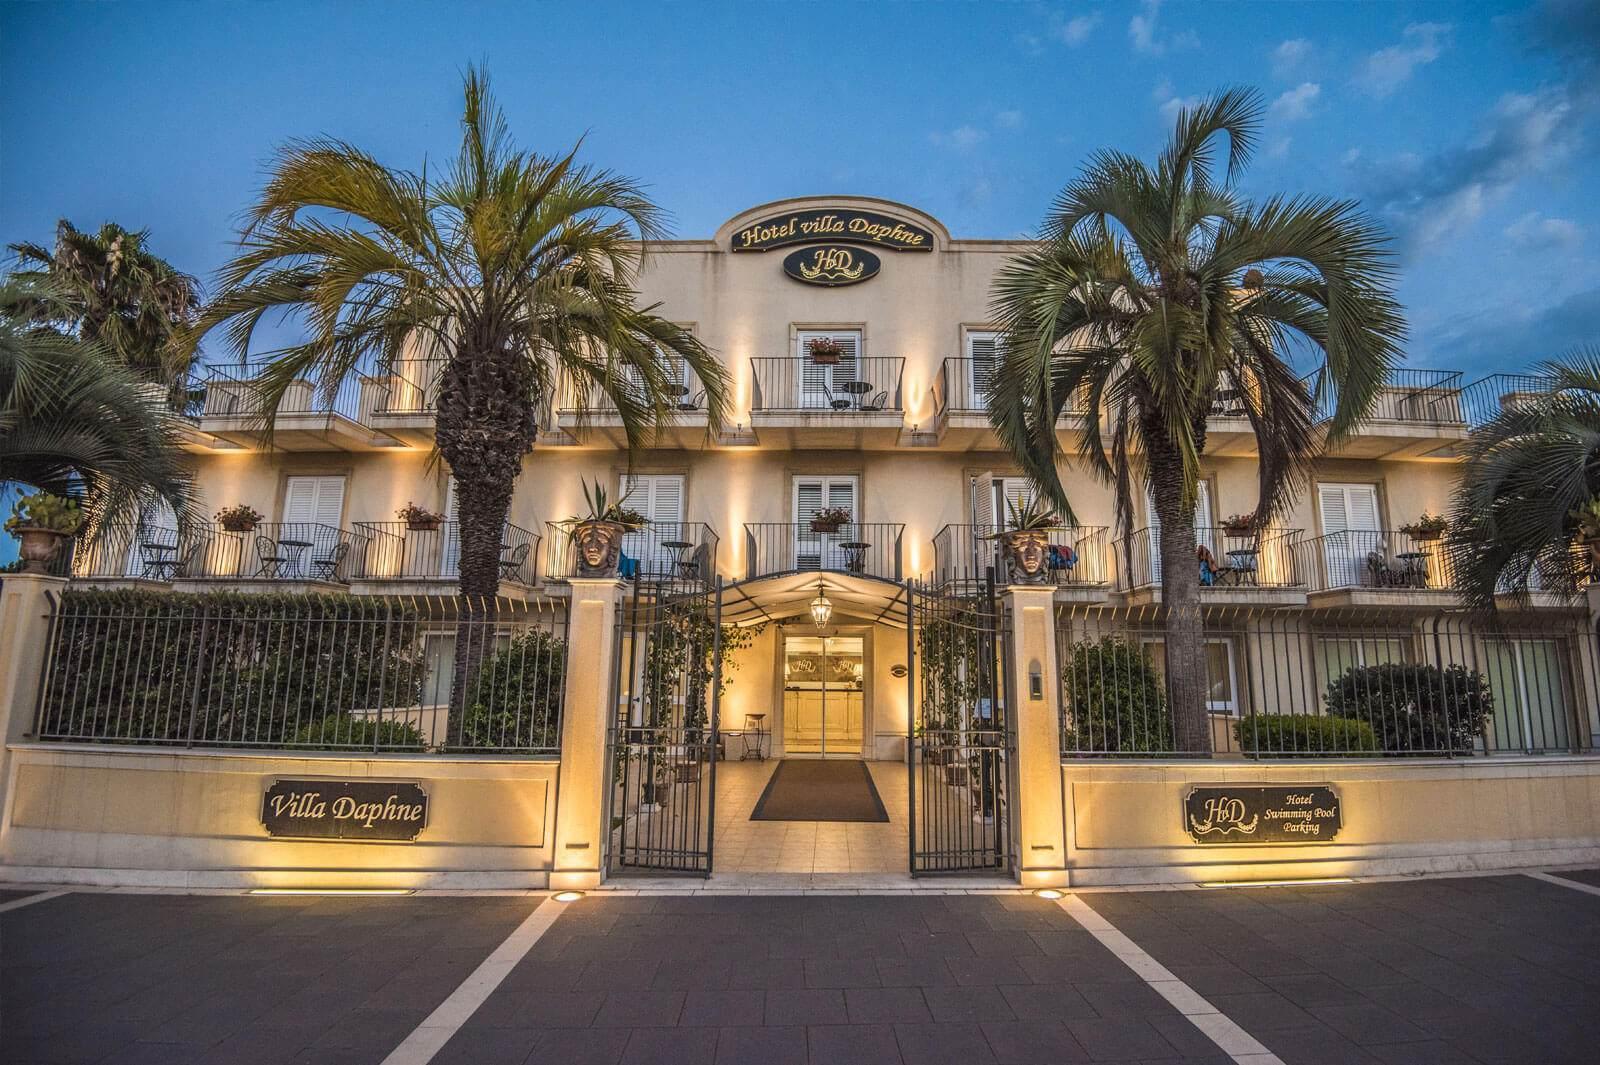 Hotel villa daphne beachfront hotel sicily hotel villa for Hotel villa taormina